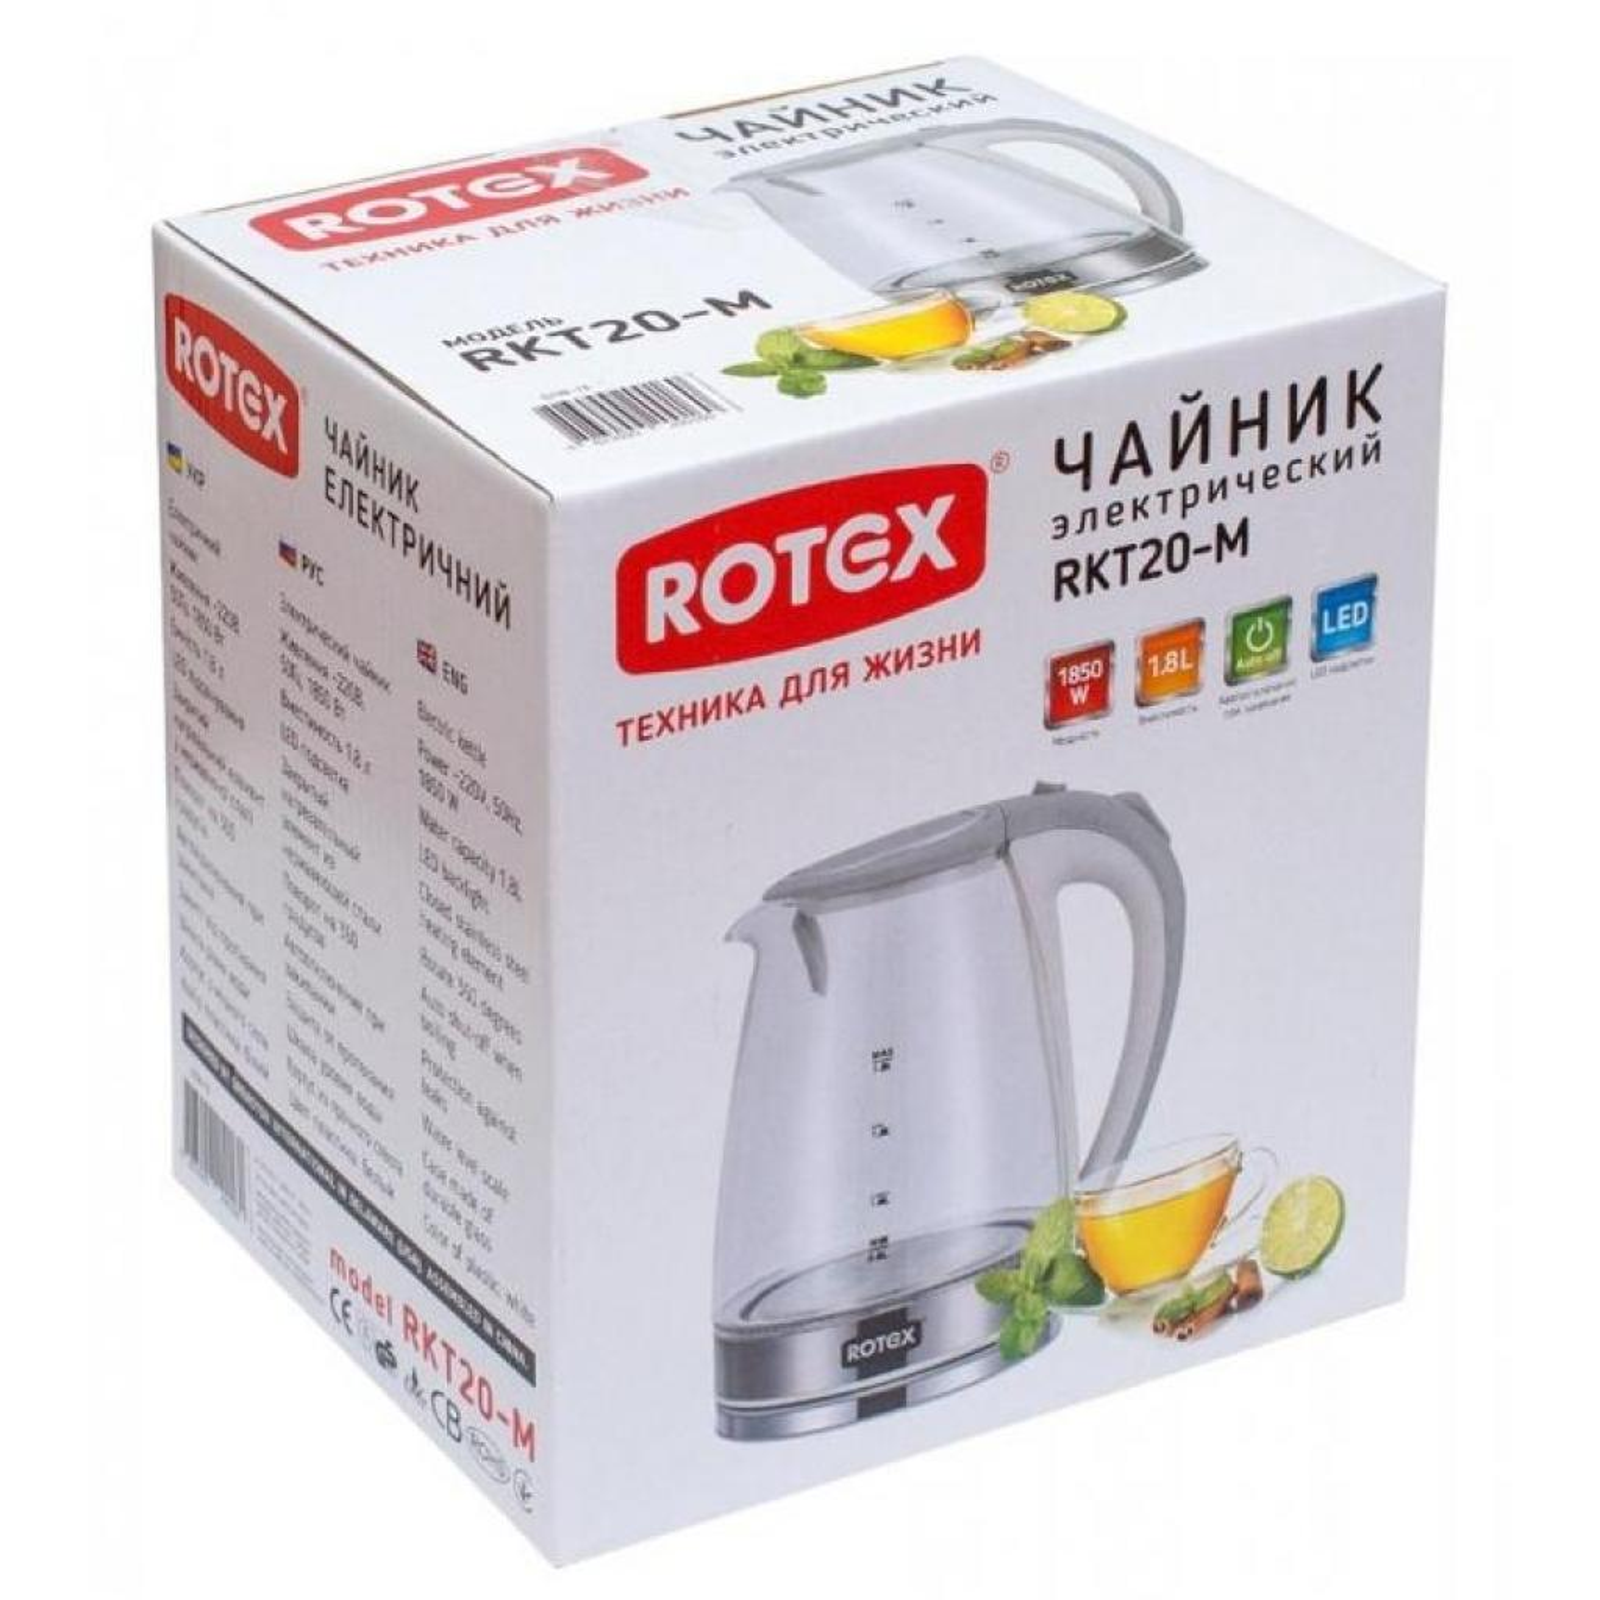 Электрочайник Rotex RKT20-M White изображение 3